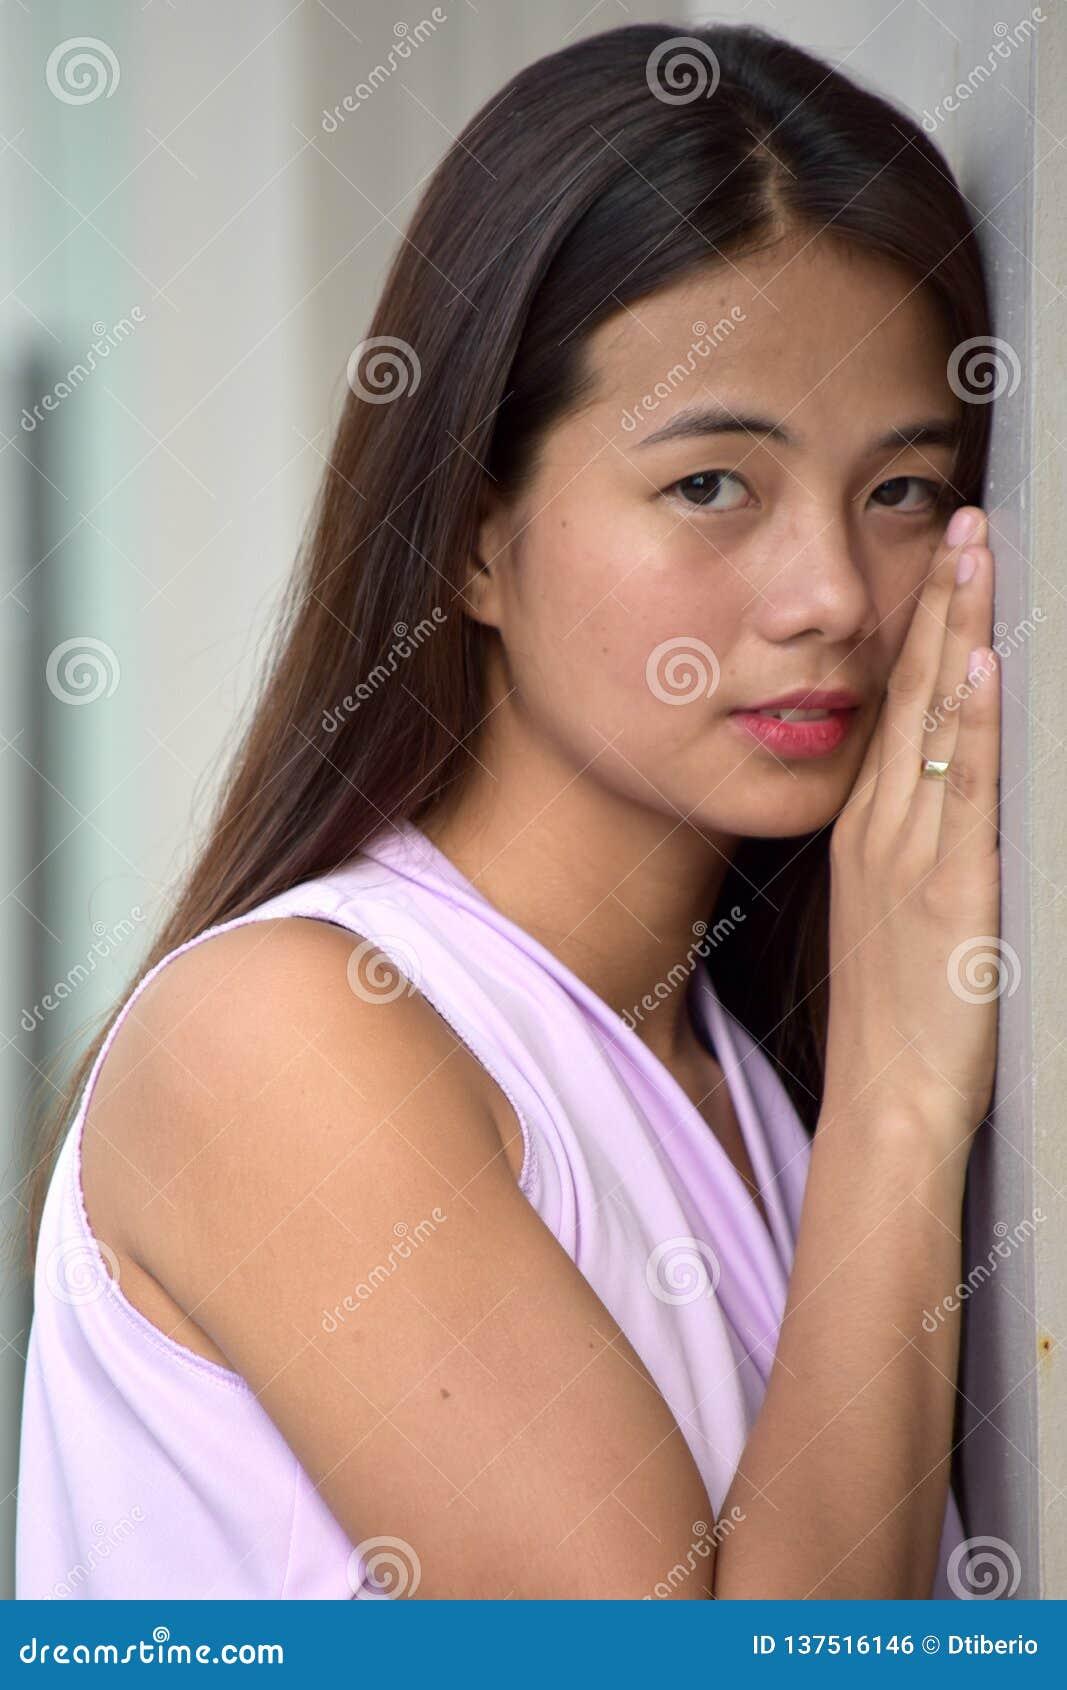 Filipina Woman Alone giovanile